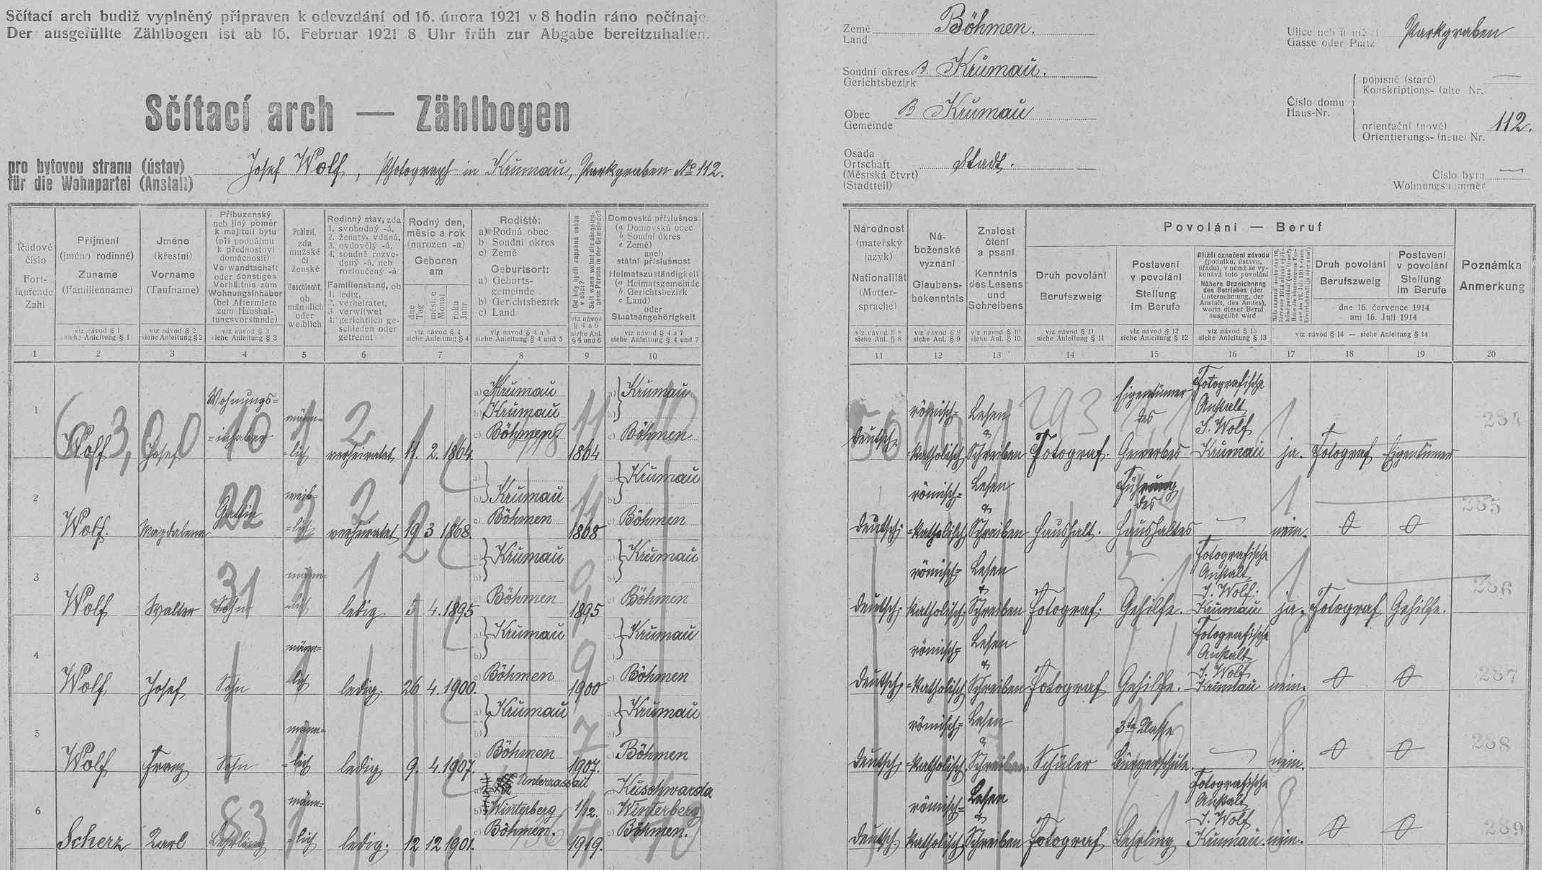 Arch ke sčítání lidu v roce 1921 pro českokrumlovský dům čp. 112 na Parkáně (Parkgraben) zaznamenává vedle manželů Josefa a Magdaleny Wolfových i jejich syny Waltera (*1895), Josefa (*1900) a Franze (*1907), jakož i učně Karla Scherze ze zaniklého dnes Dolního Cazova  (viz i Josef Wolf)